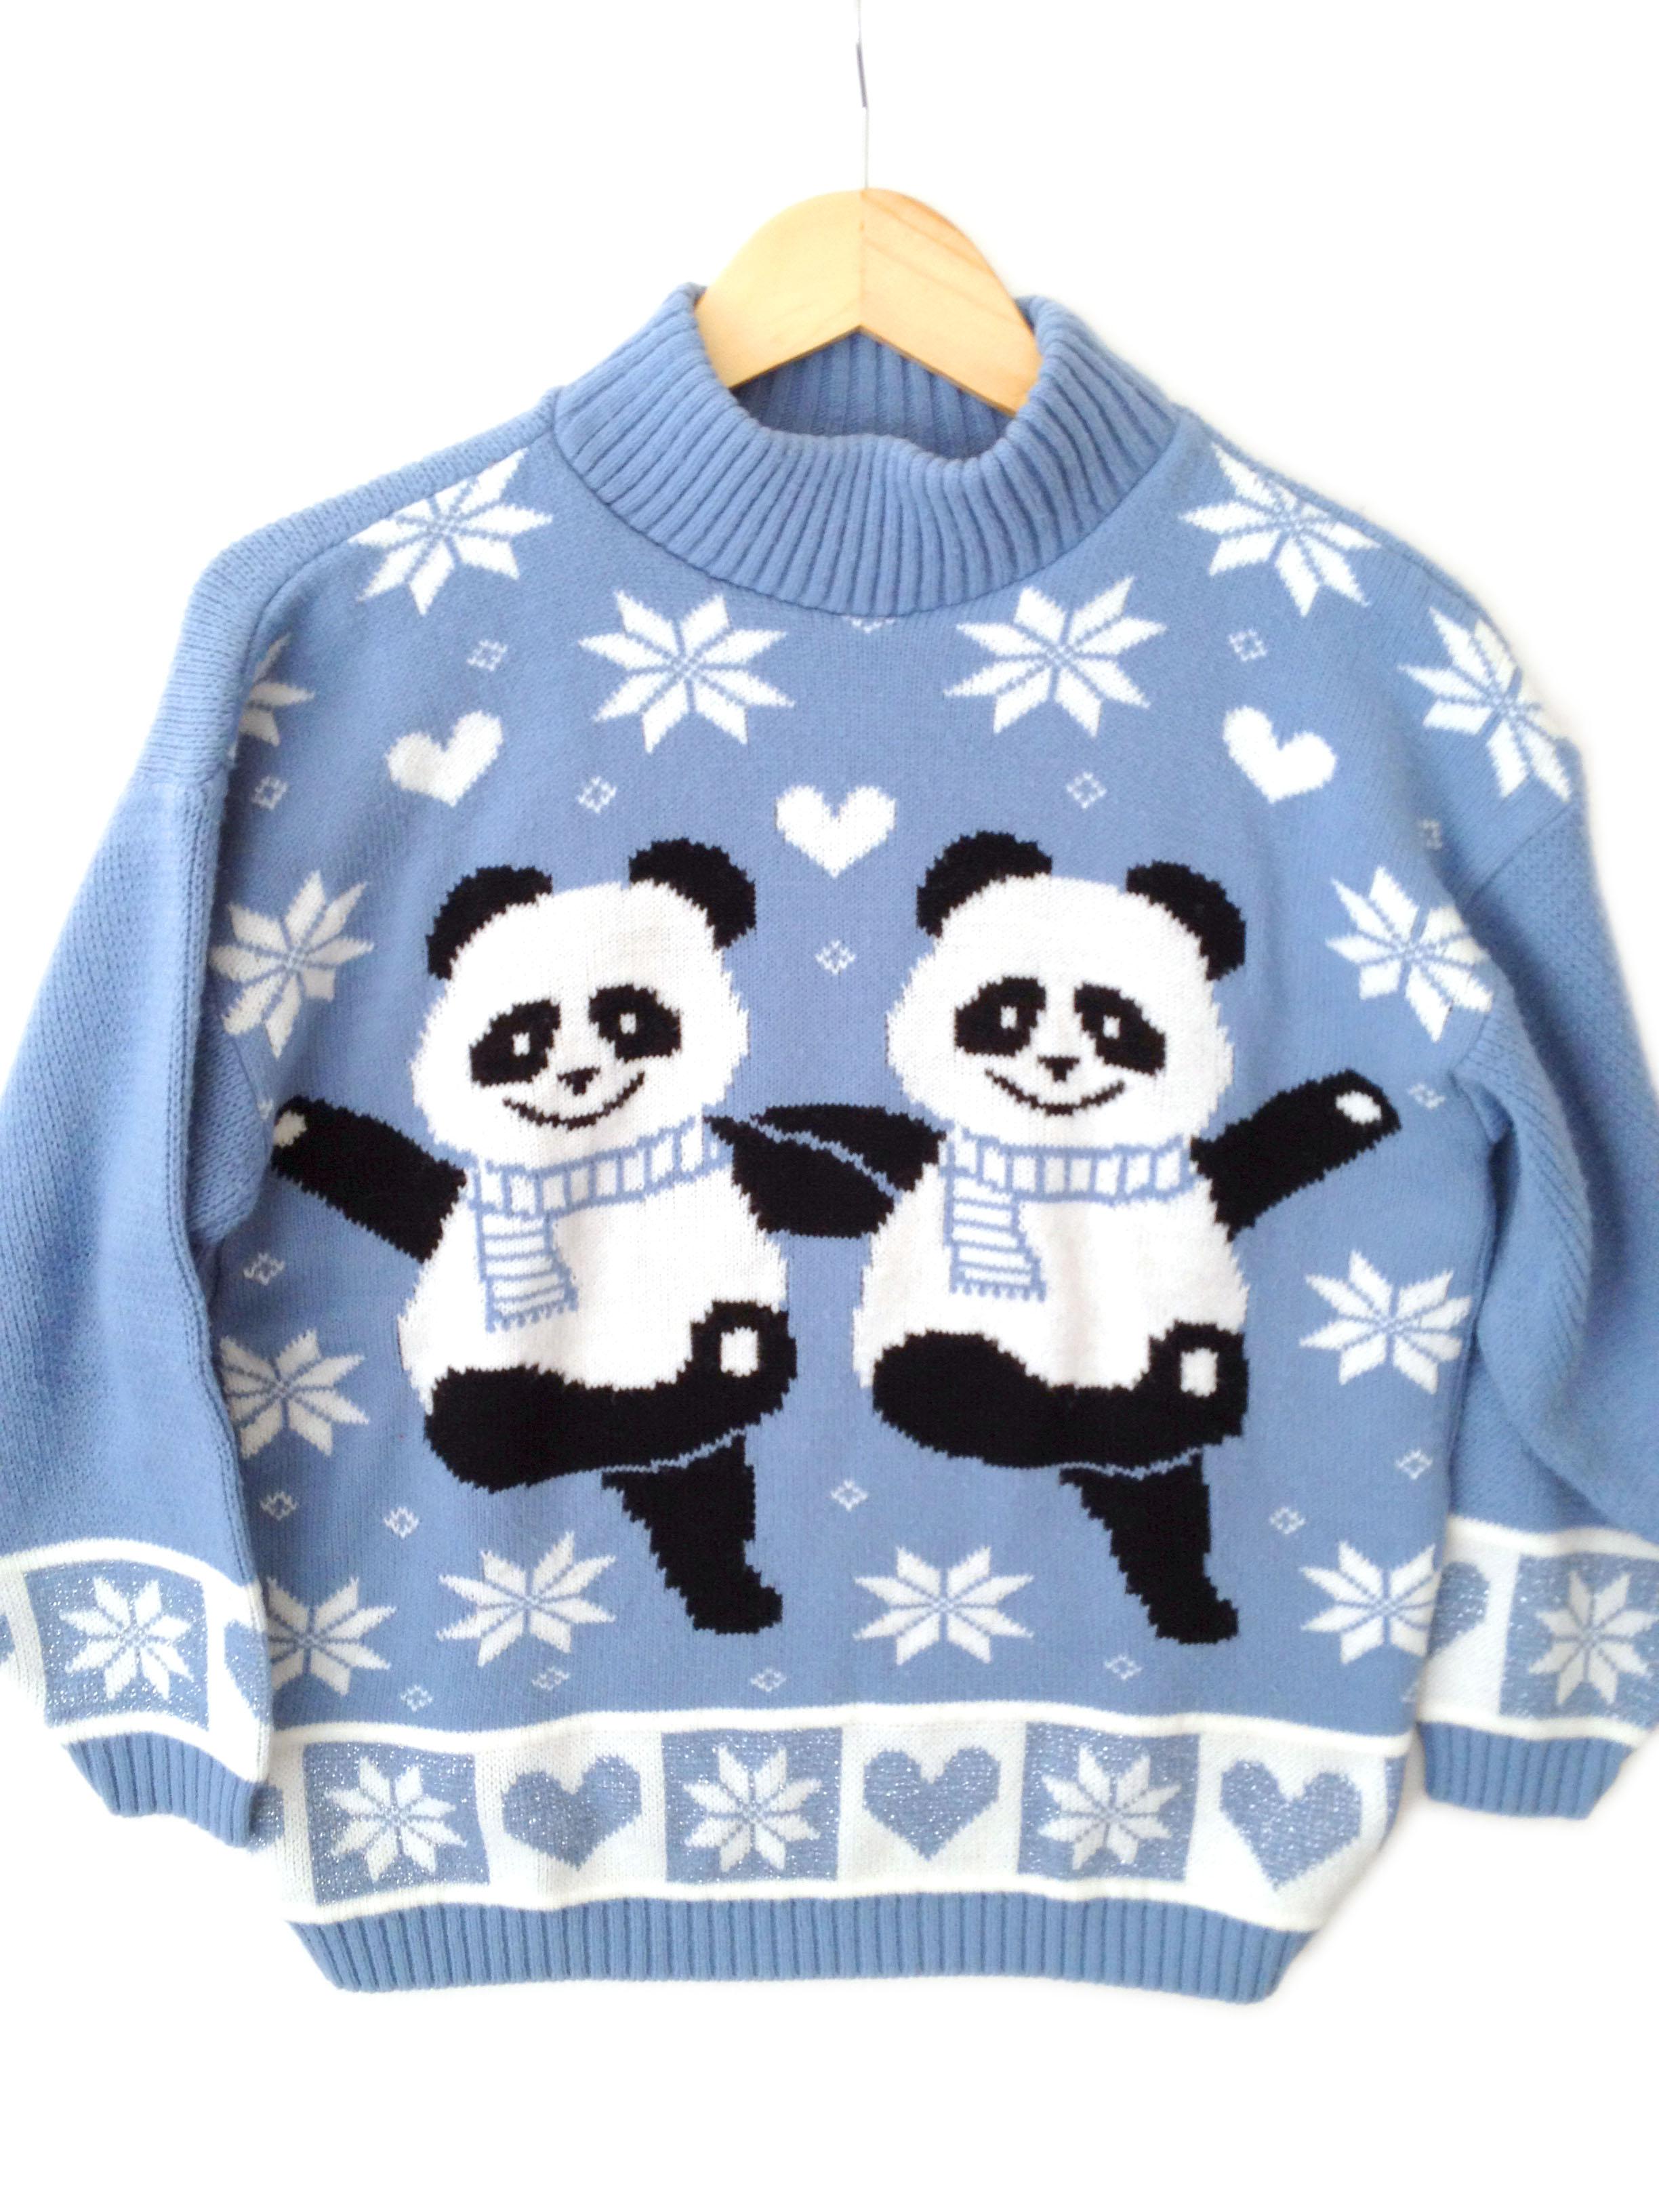 Vintage 80s Dancing Pandas Tacky Acrylic Ugly Christmas